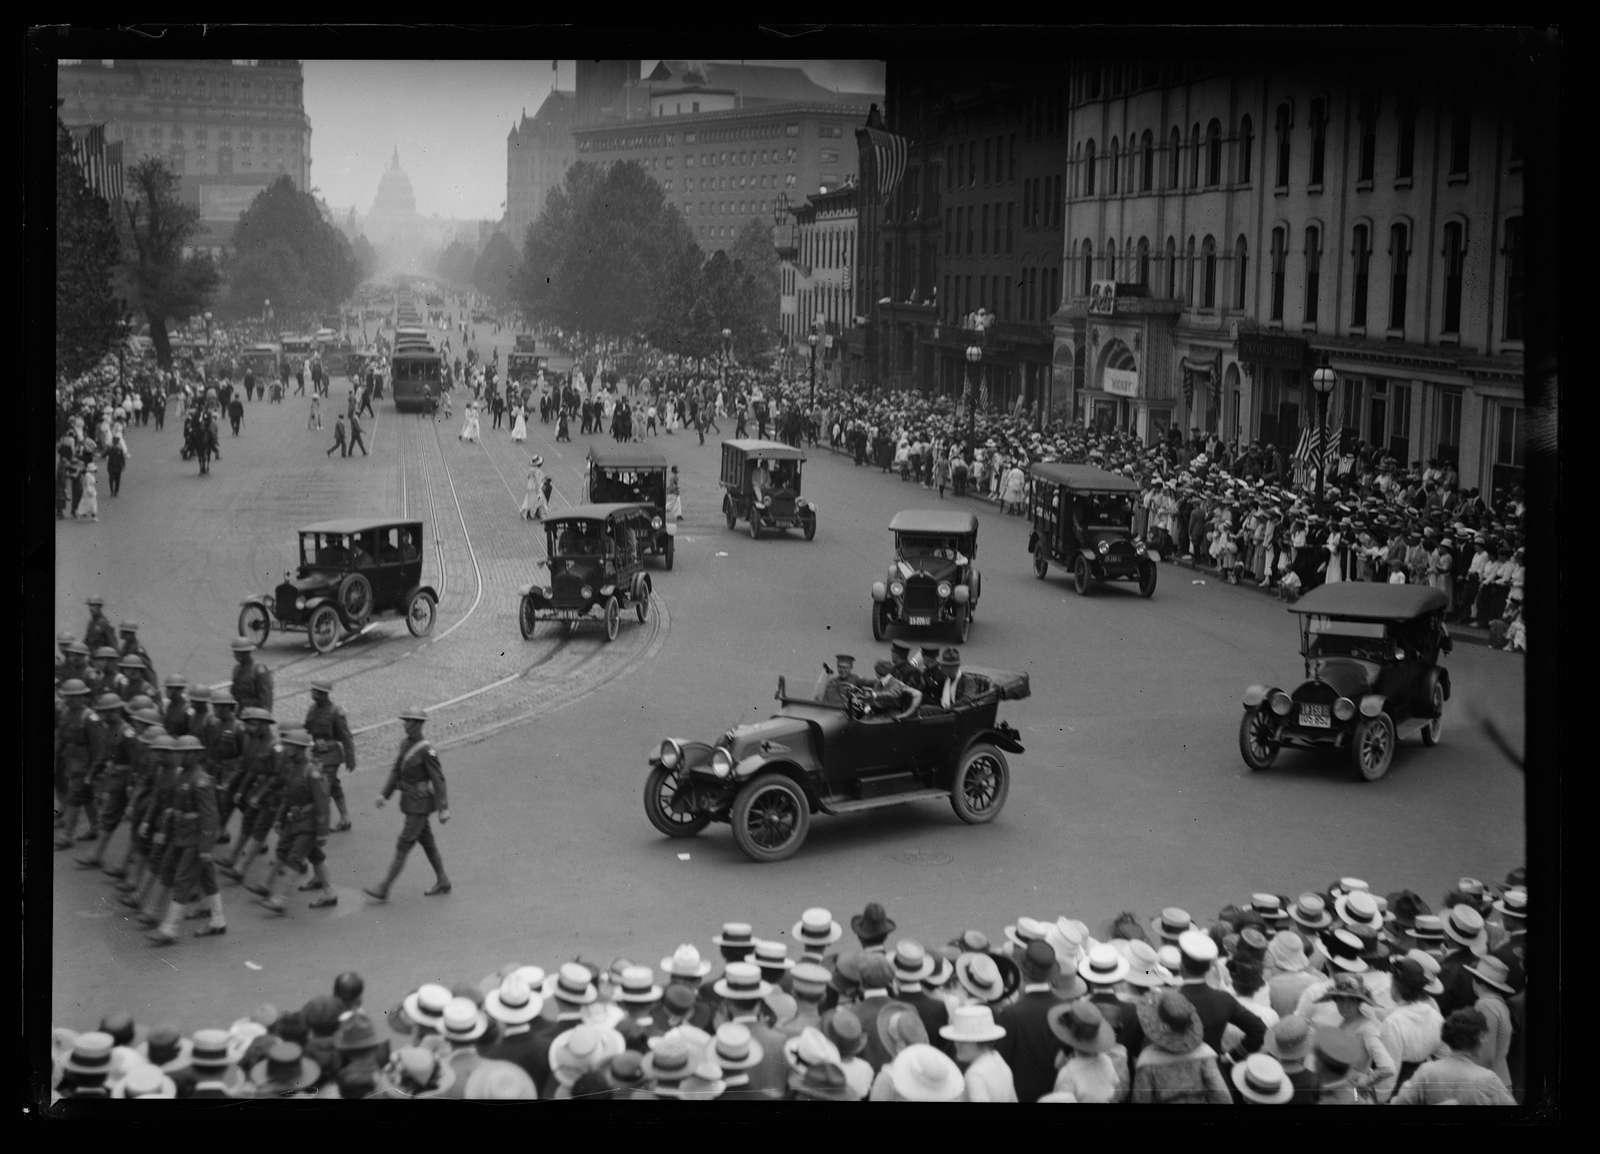 Parade, Pennsylvania Ave, Washington, D.C.